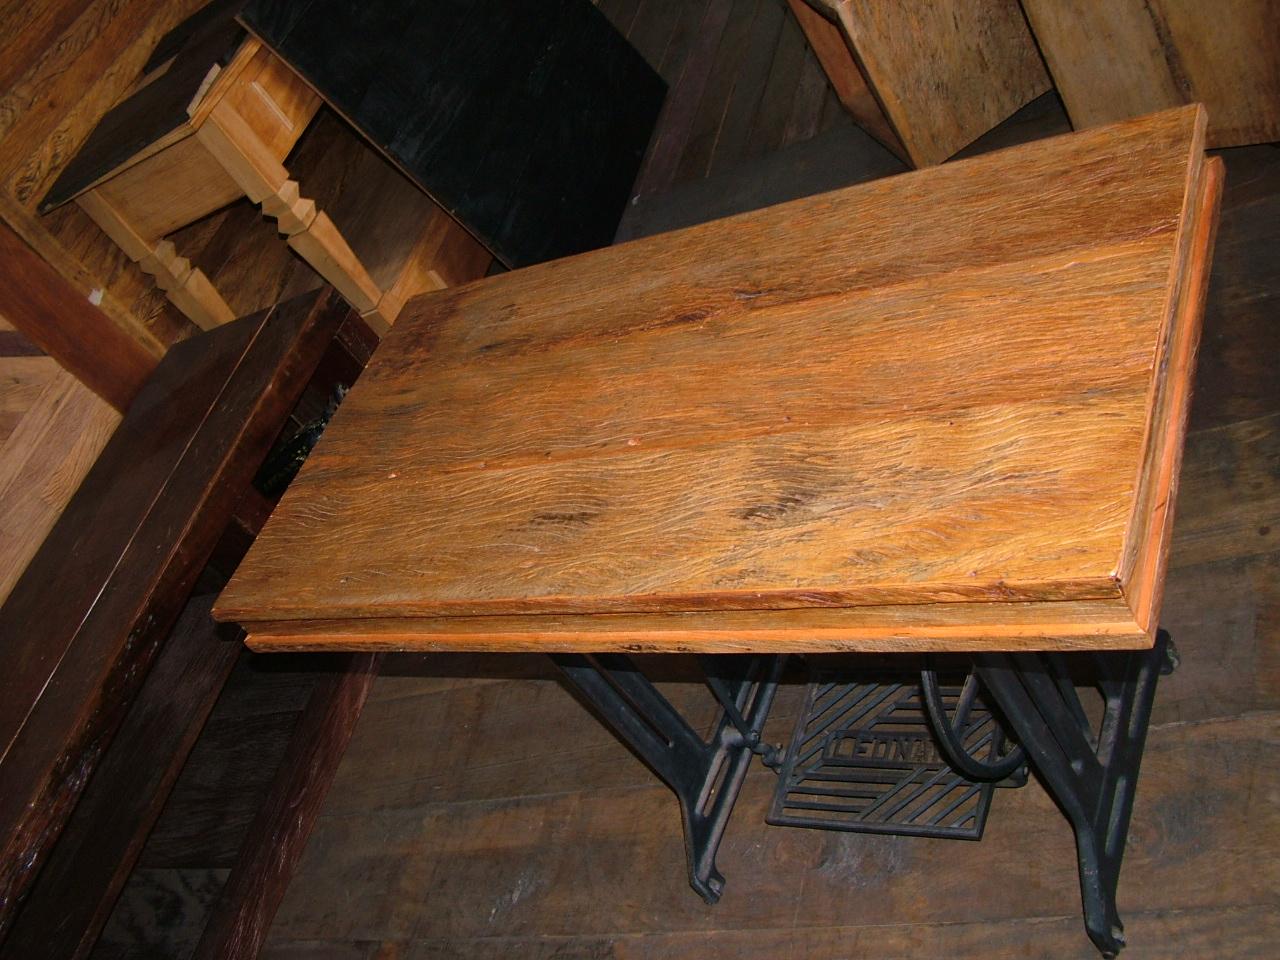 Móveis demolição – Móveis rústicos – Tampo em madeira de  #BE6A0D 1280x960 Balcao Banheiro Artesanal